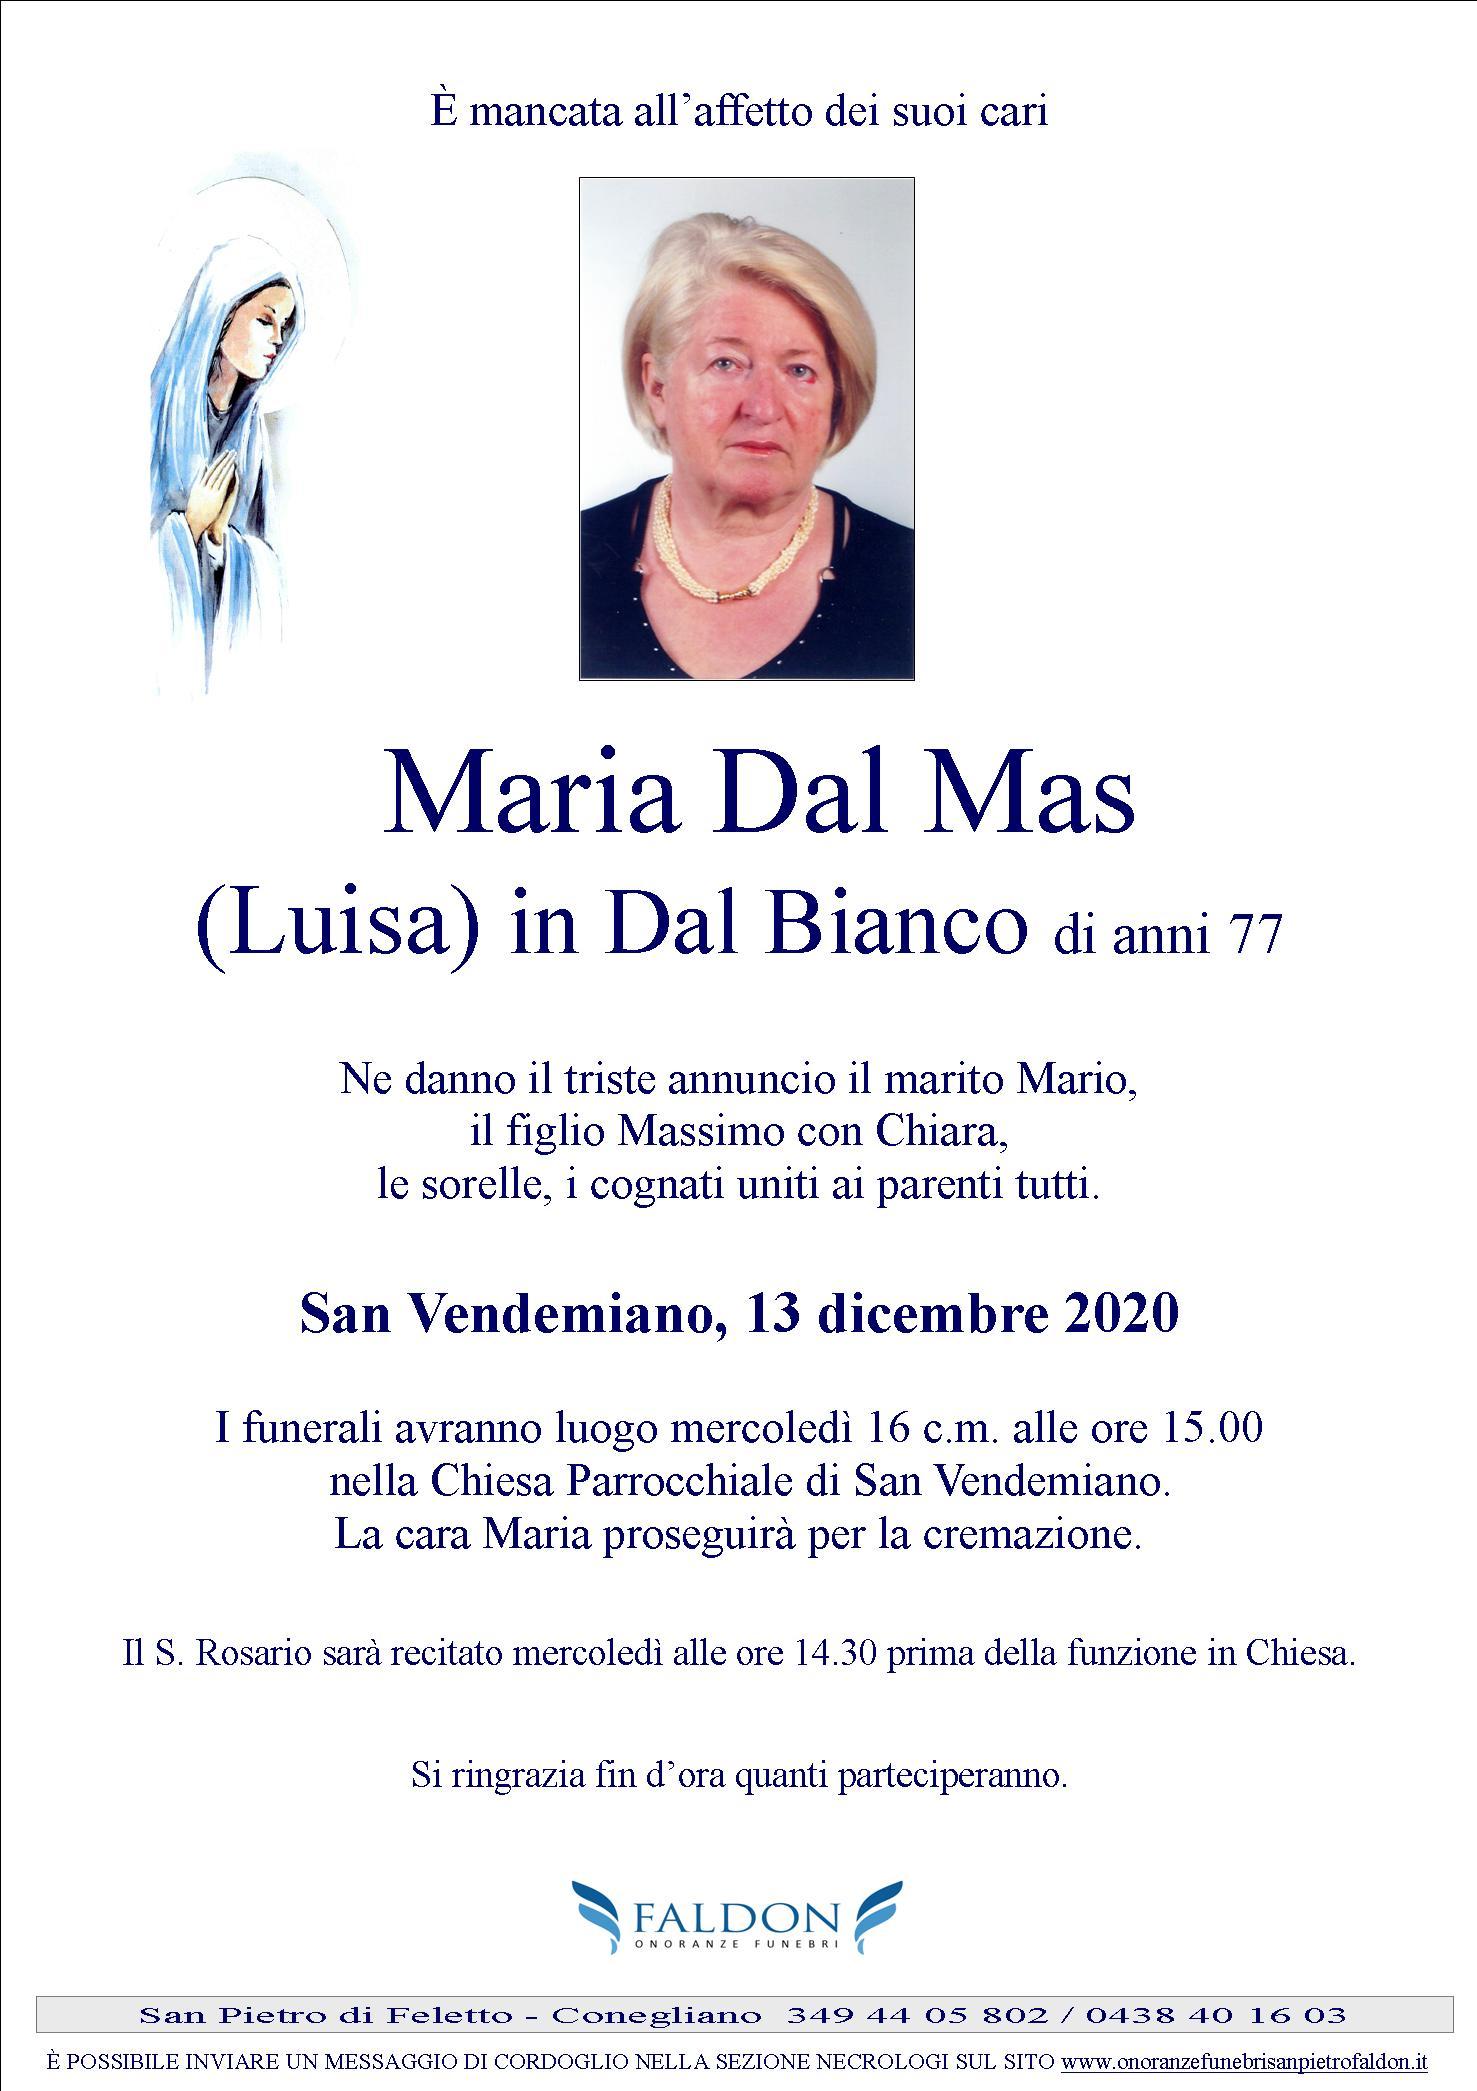 Maria Dal Mas